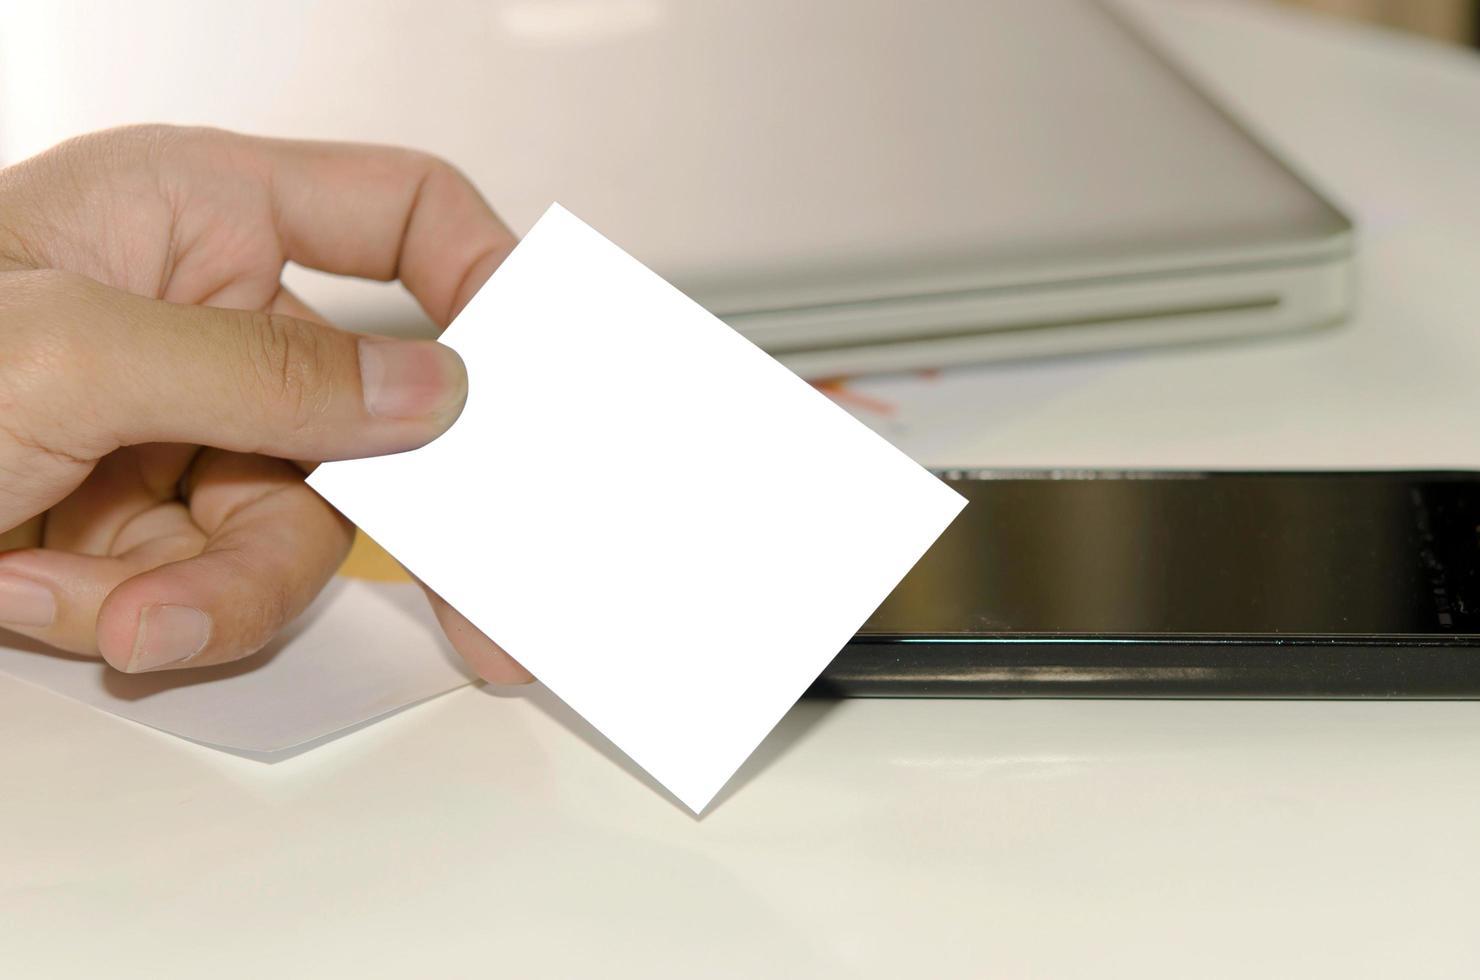 mão segurando um cartão branco simulado foto